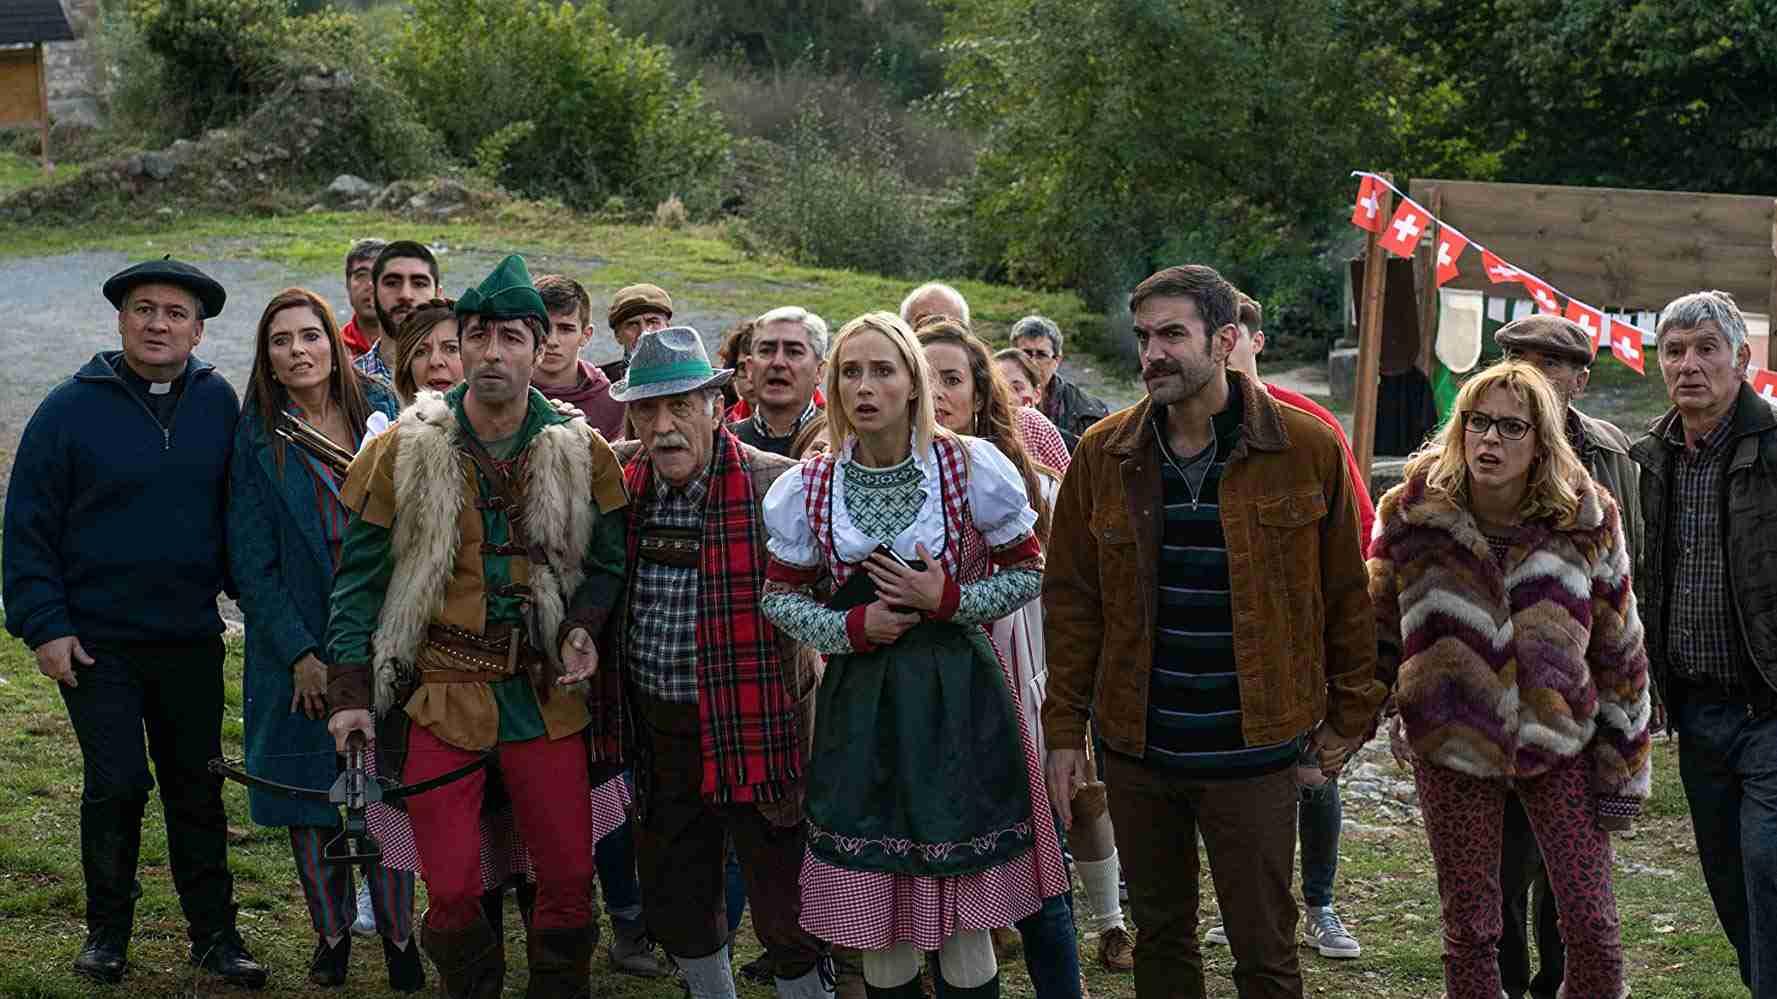 دانلود فیلم سوئیس کوچک (The Little Switzerland 2019) با زیرنویس فارسی